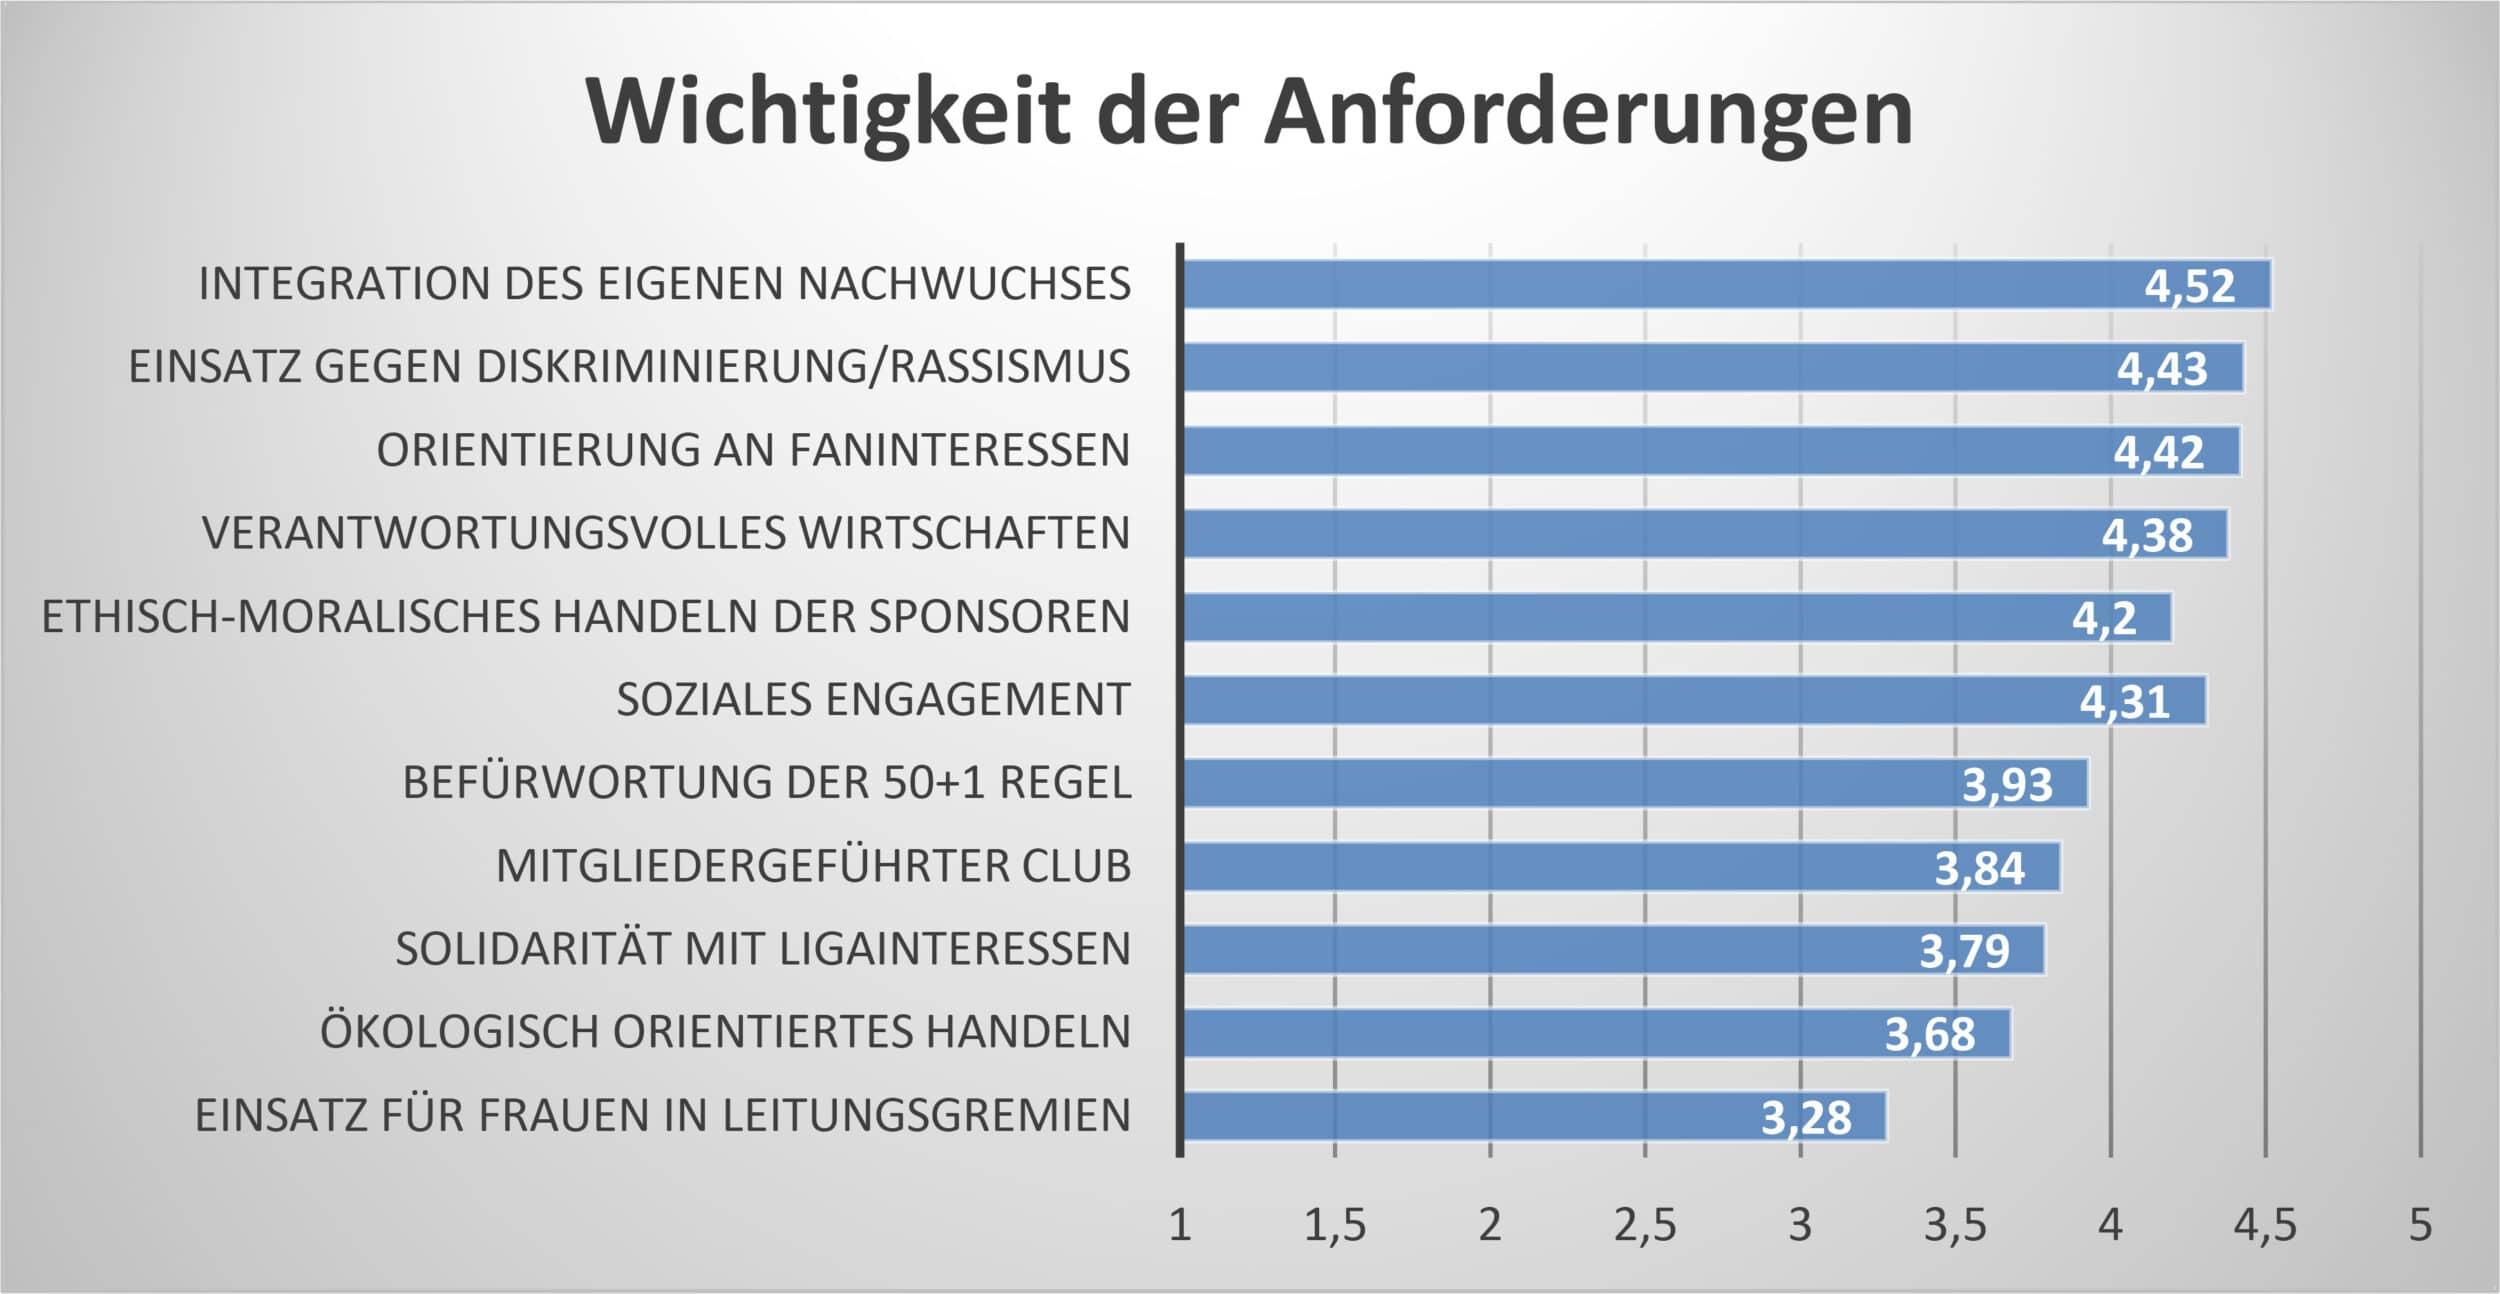 Was die Fans erwarten –FH Dortmund präsentiert Studie zur Nachhaltigkeit im Profi-Fußball